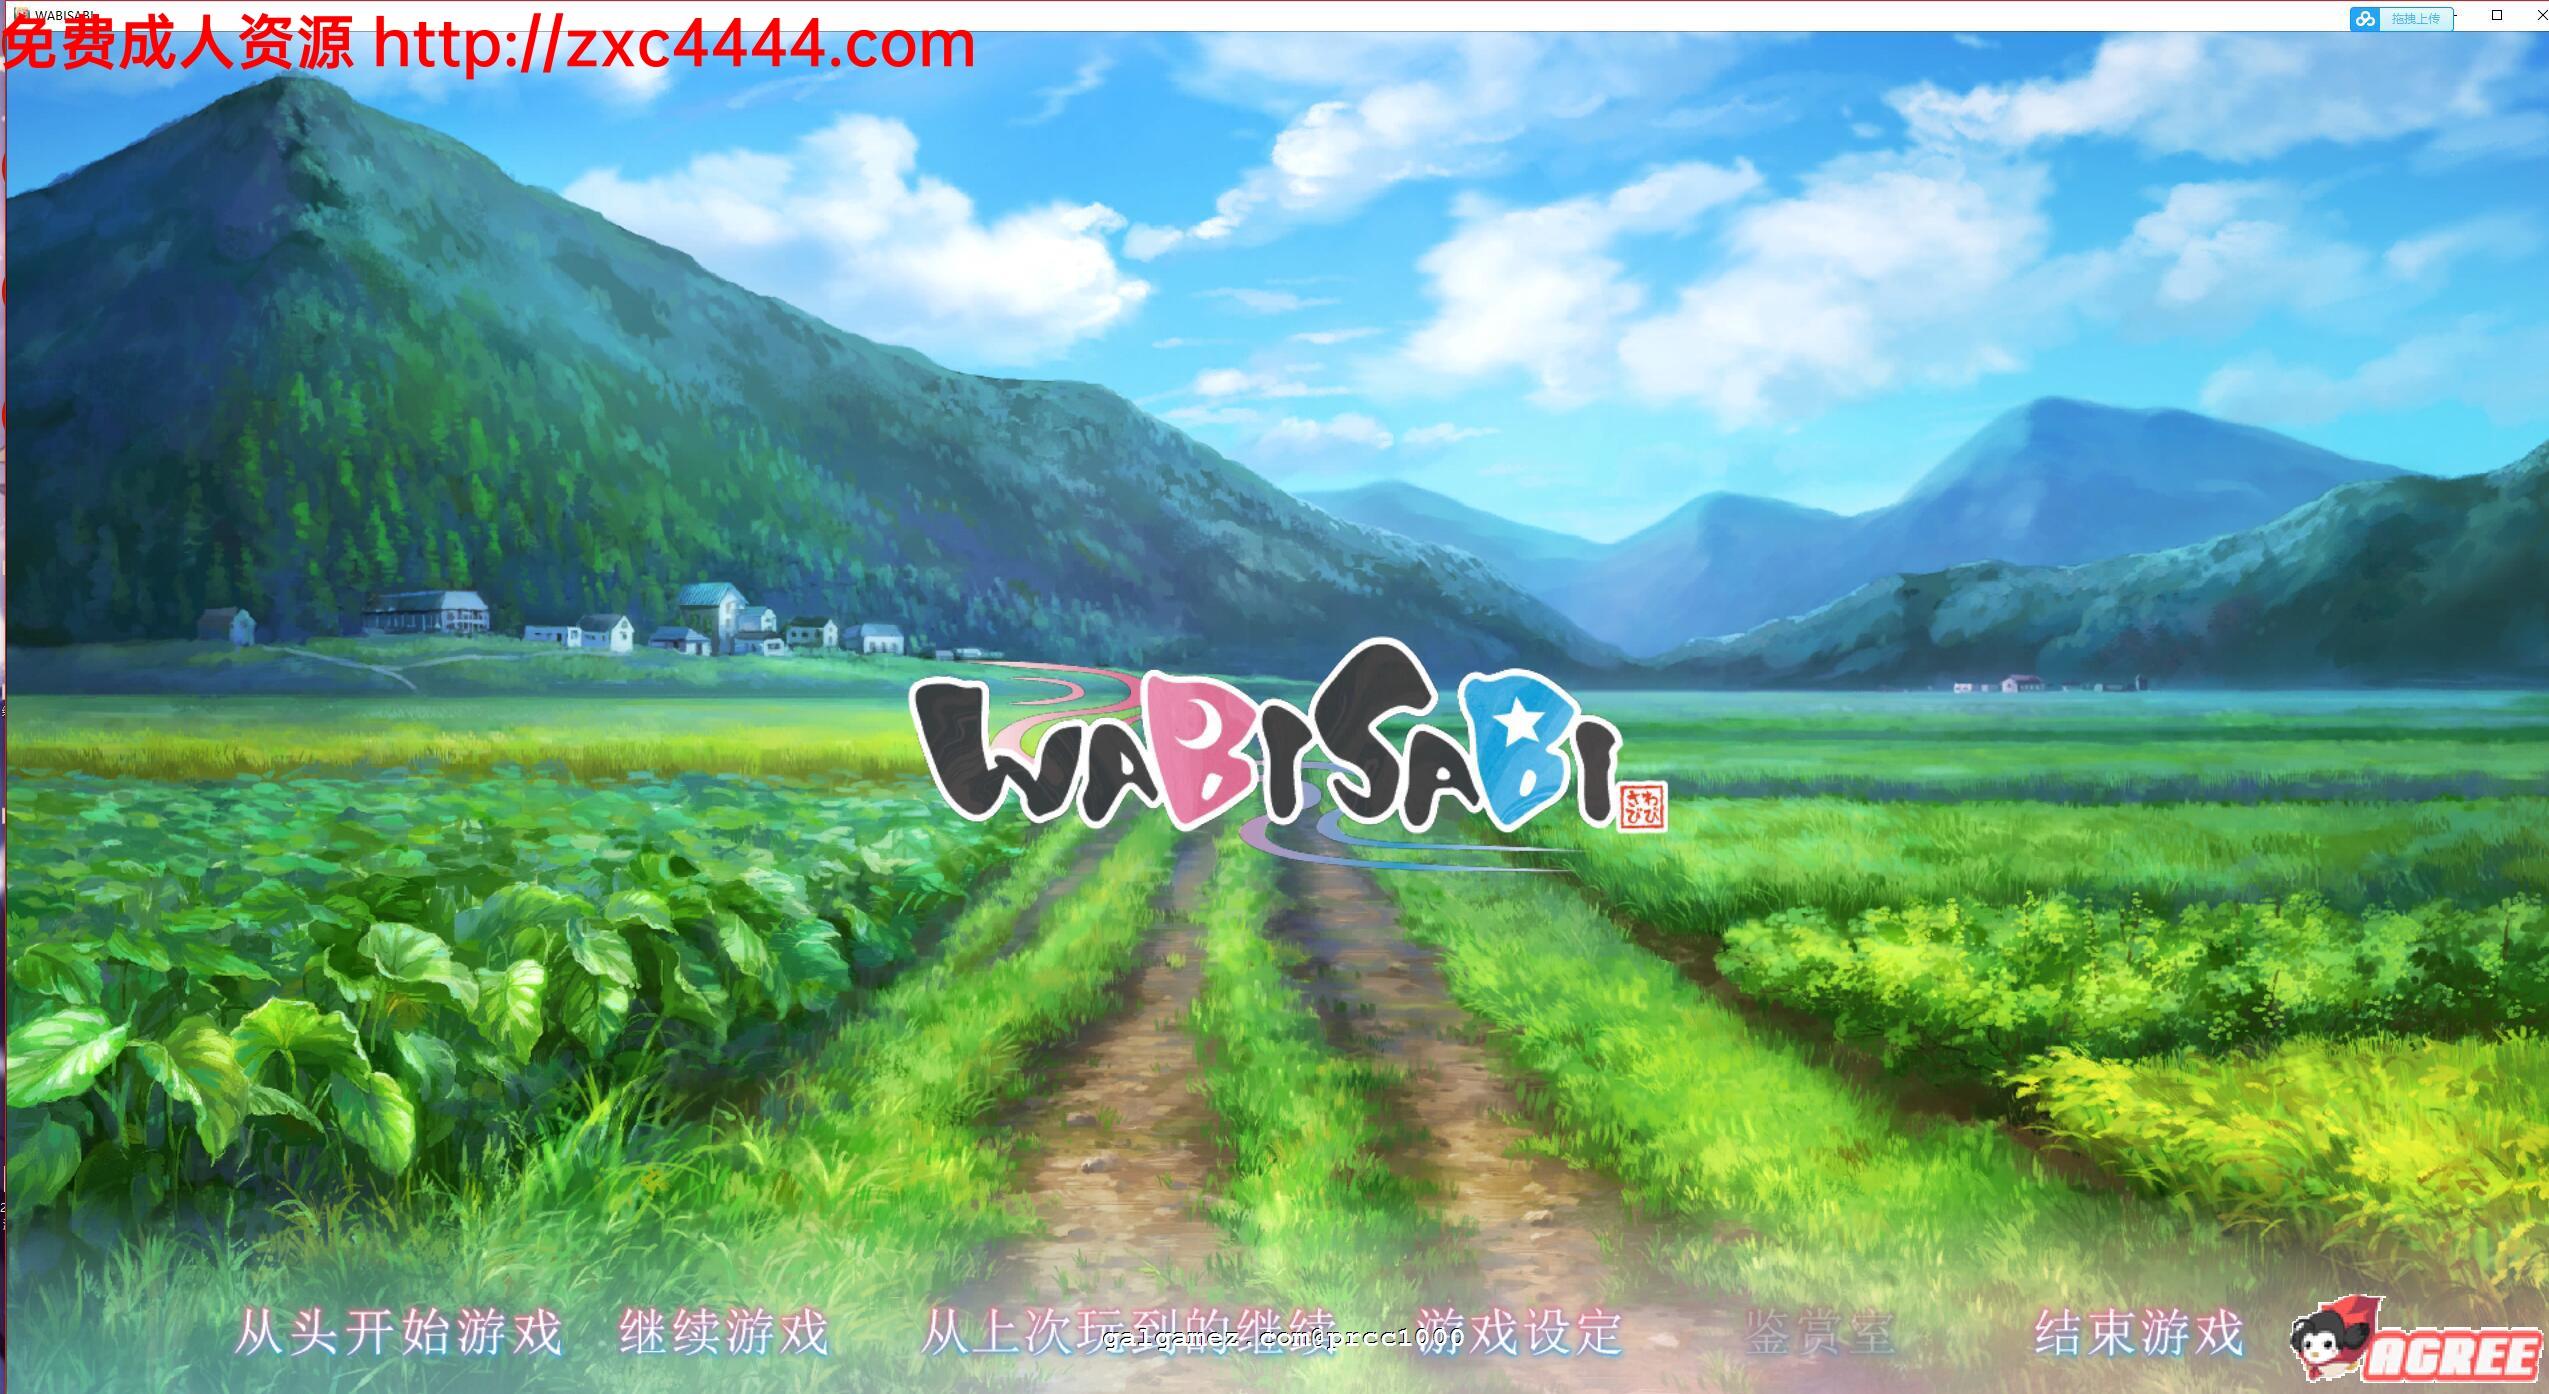 【ADV/中文】WABISABI 与兽耳娘共度乡间生活 DL官方中文版【900M】